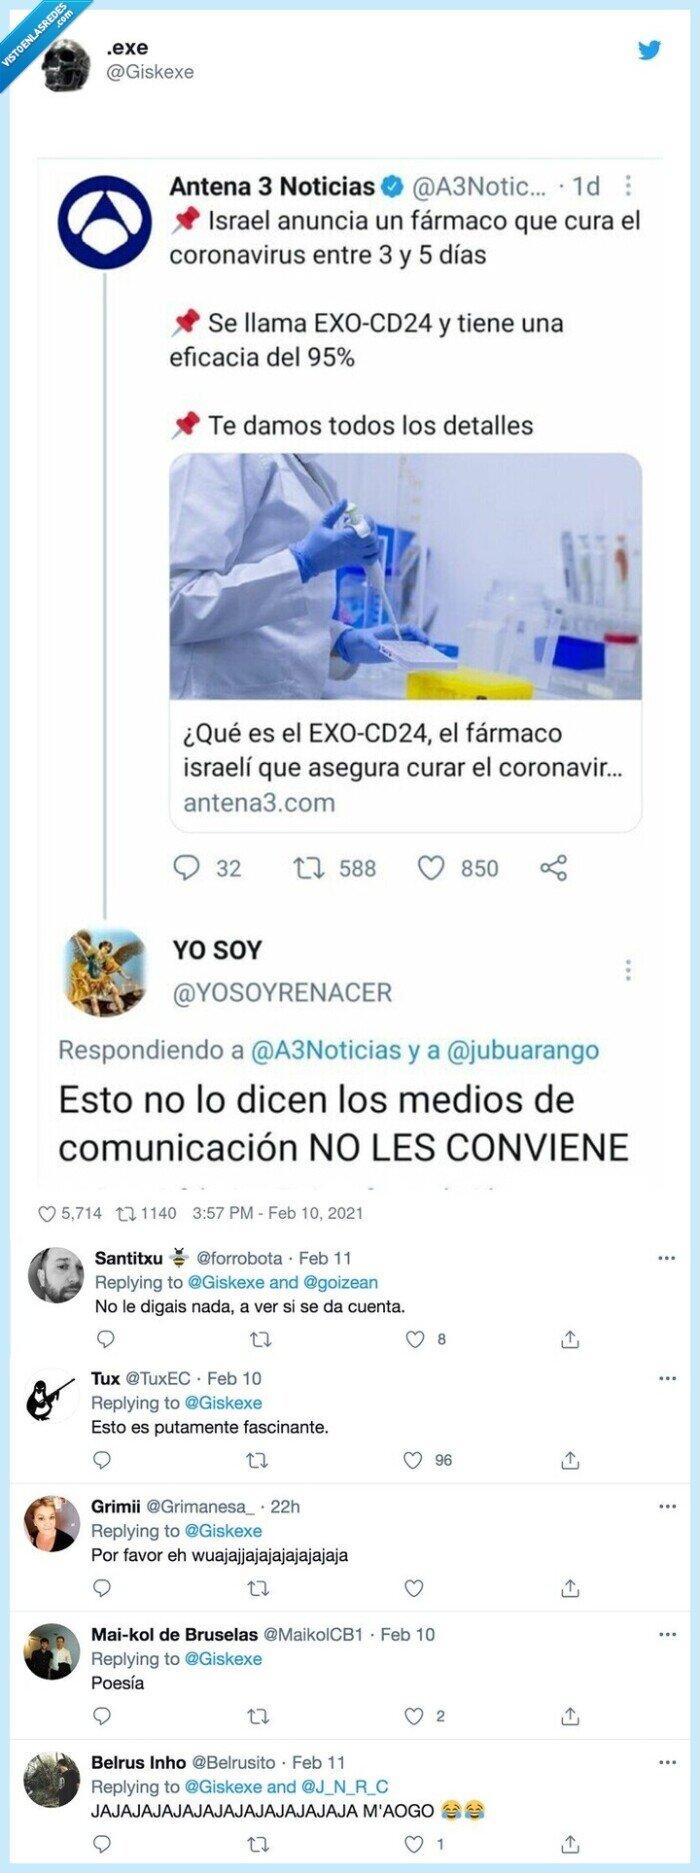 antena3,medios de comunicación,respuesta,vacuna